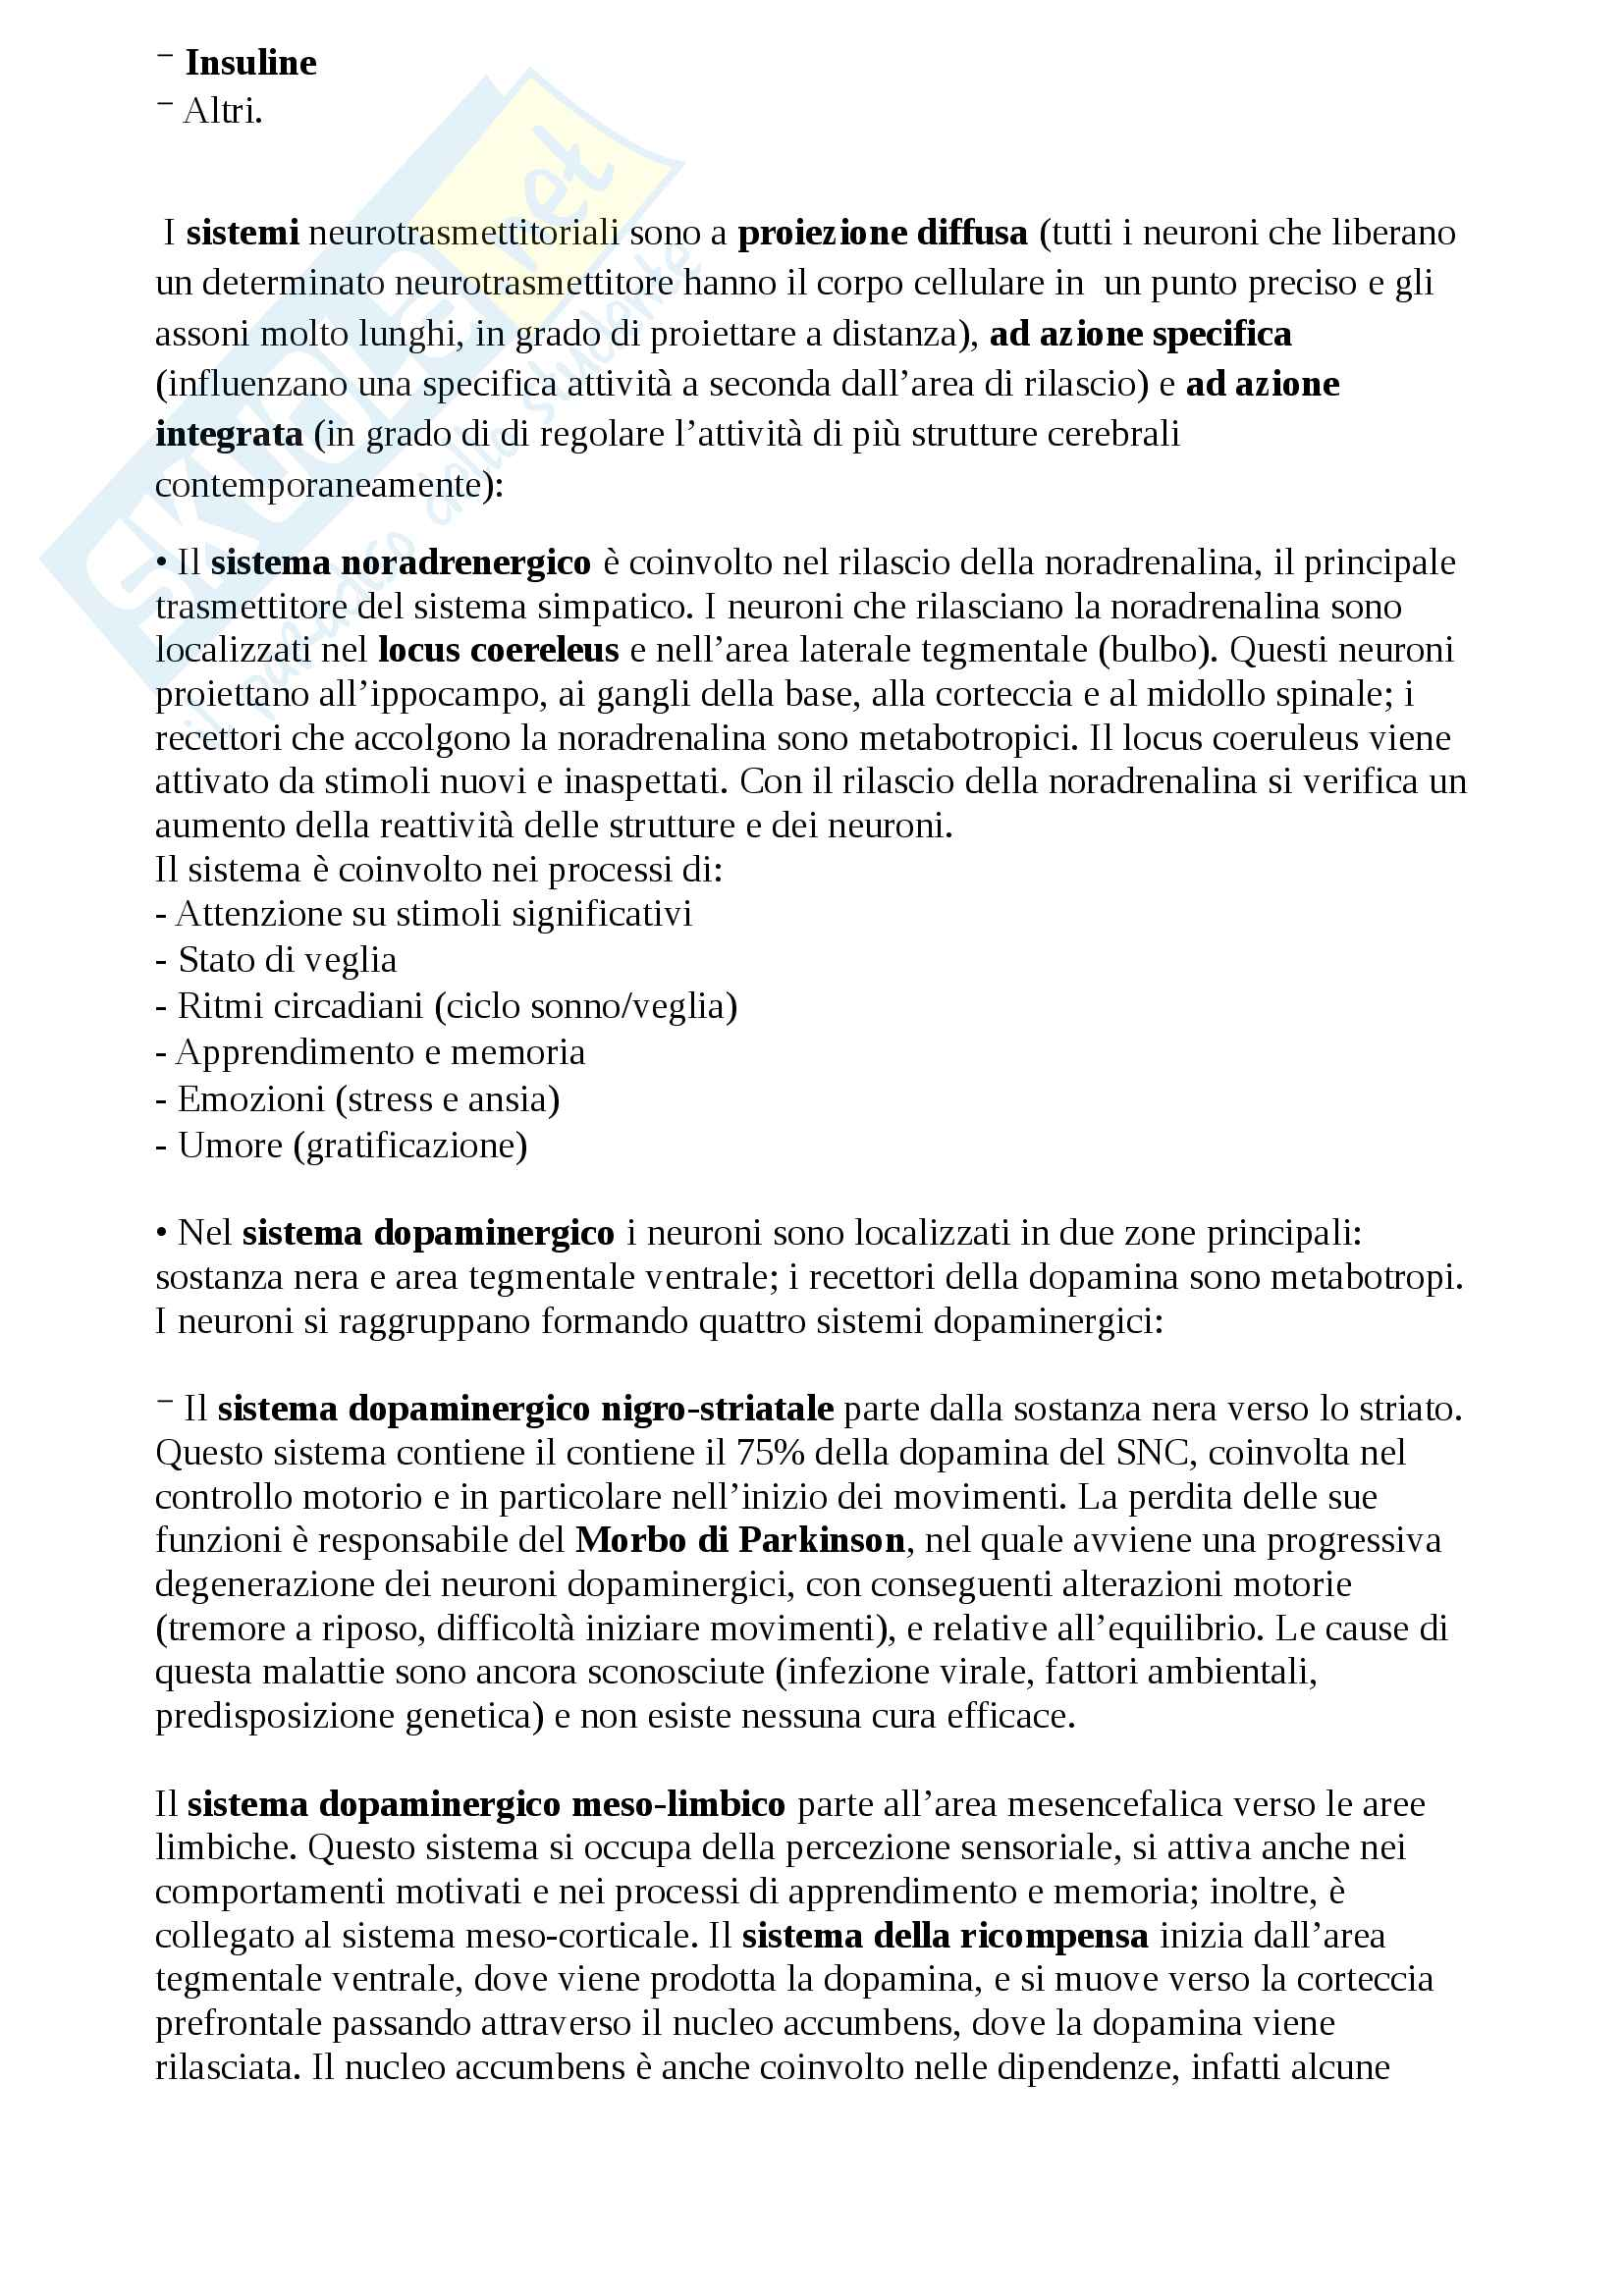 Appunti di neuroscienze utilissimi per studiare e per superare l'esame! Pag. 16